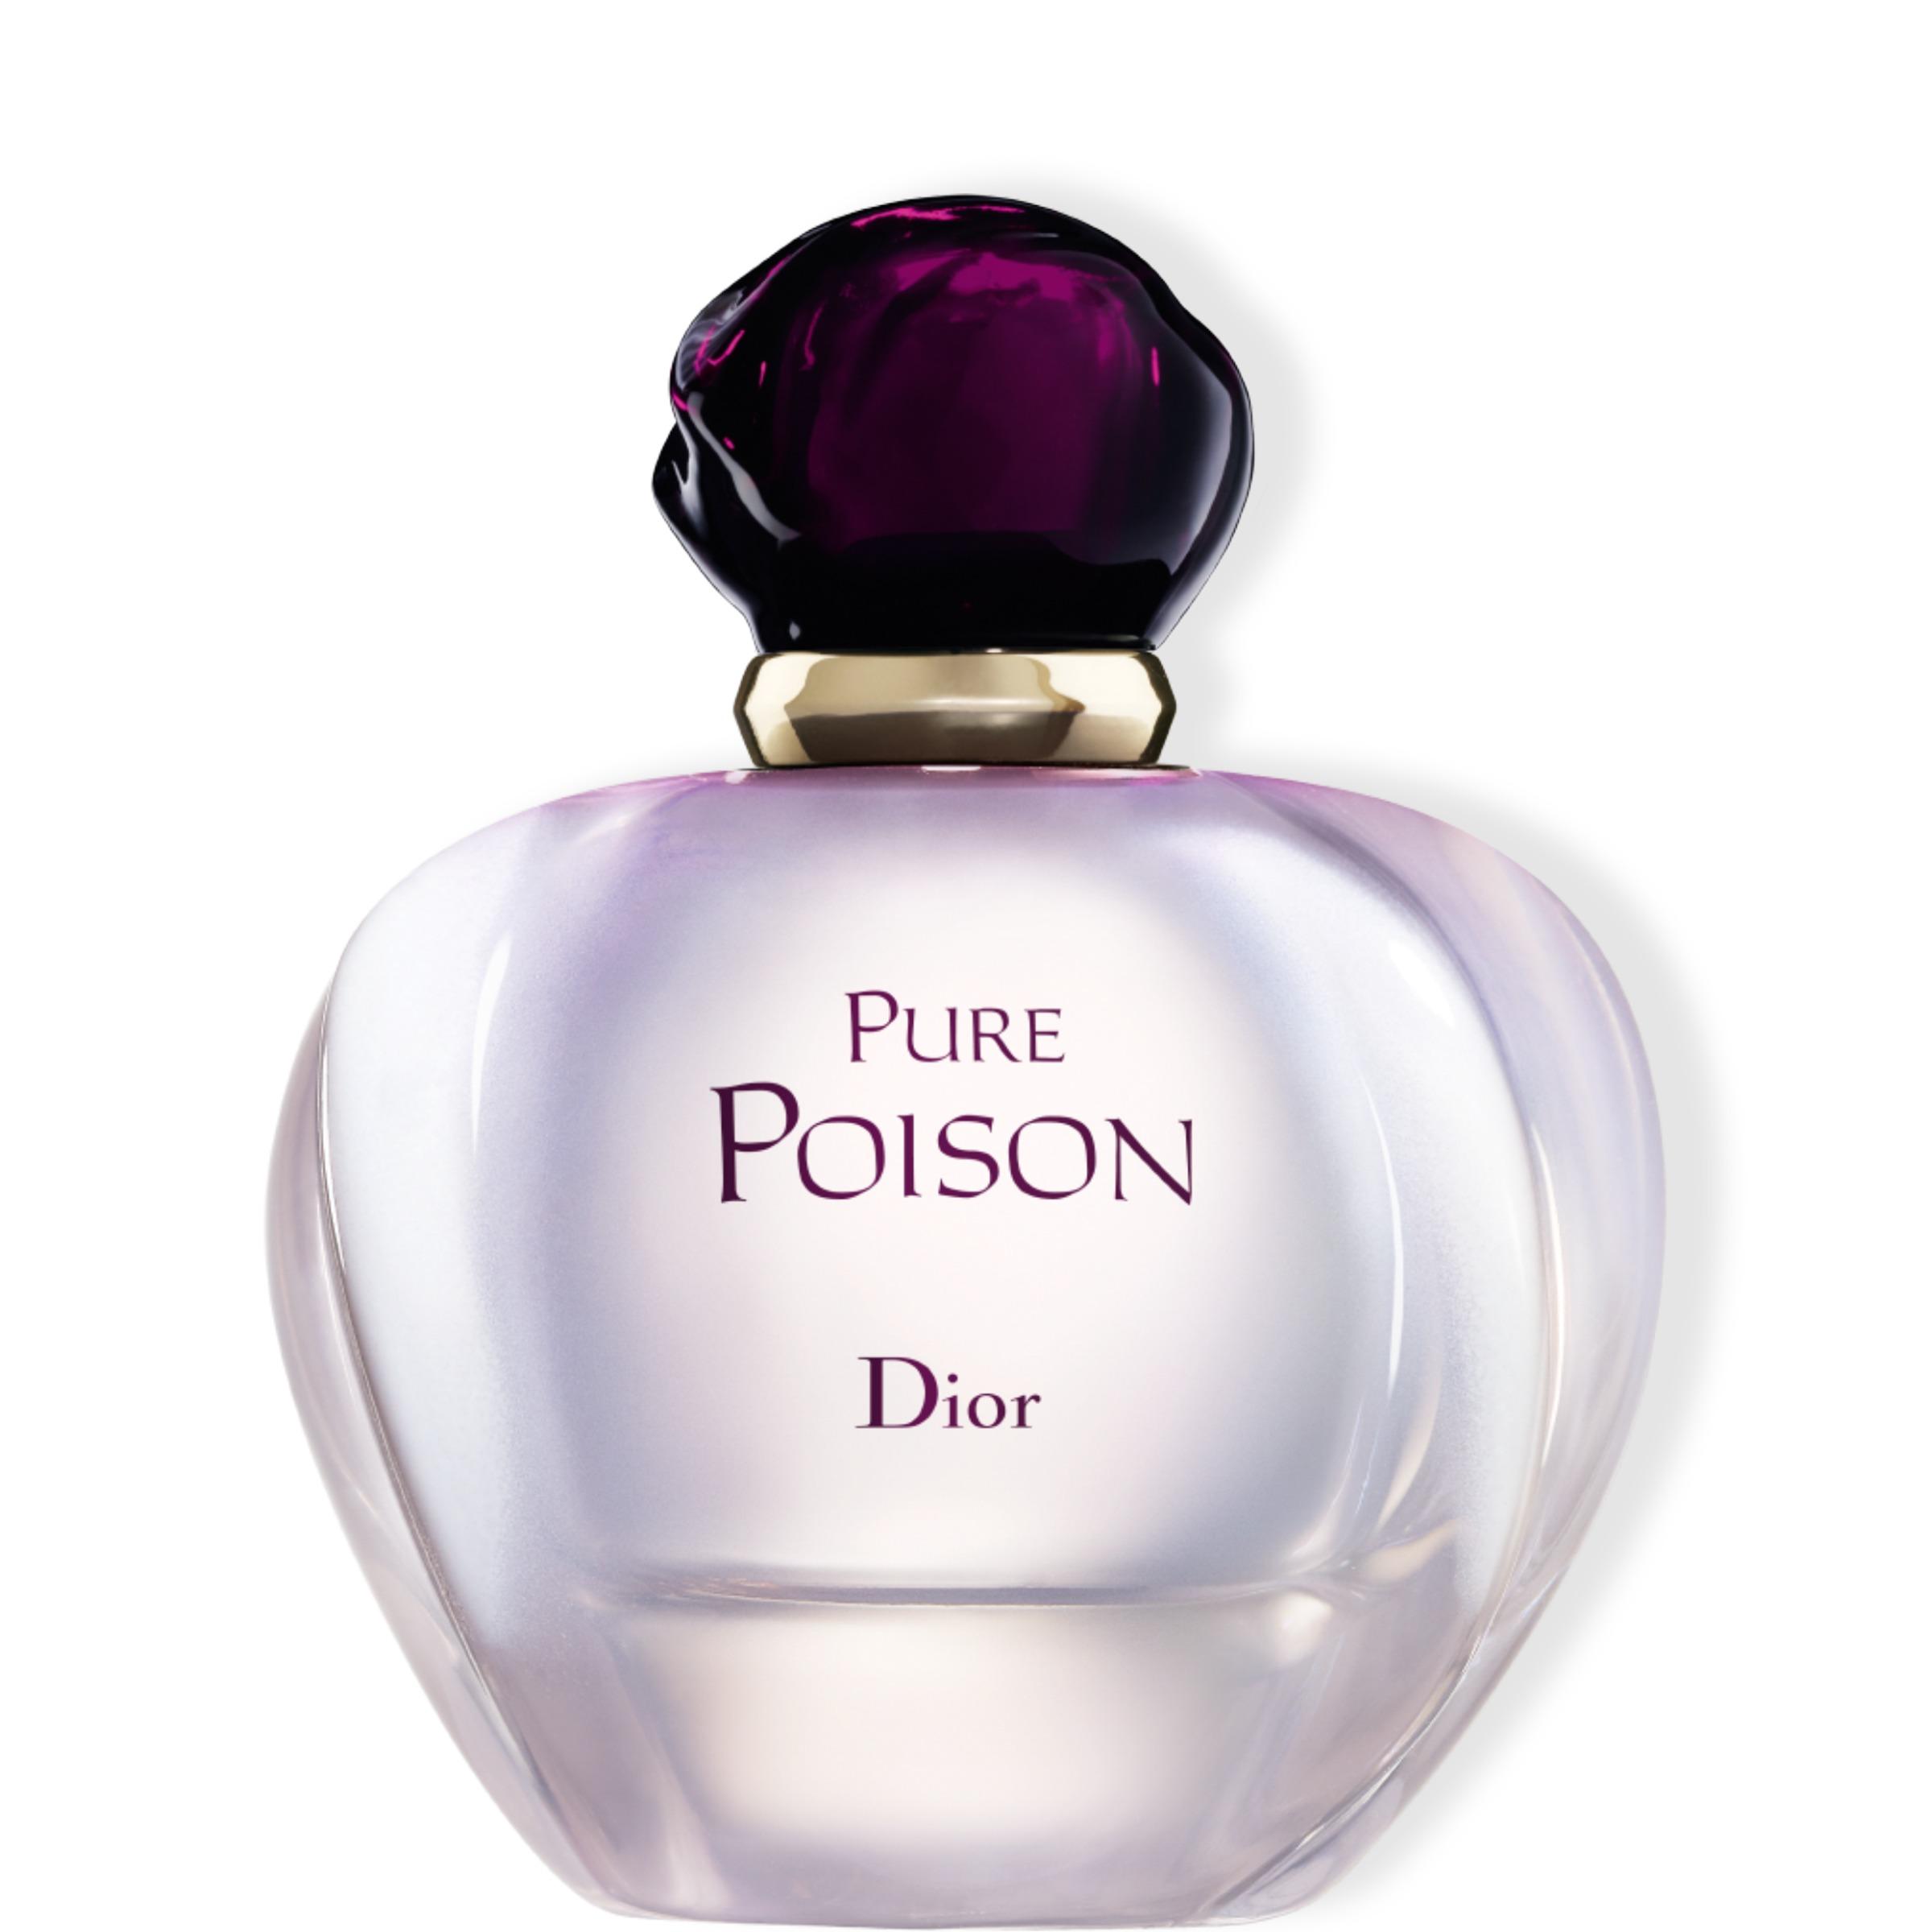 Pure Poison Eau de Parfum 100ml